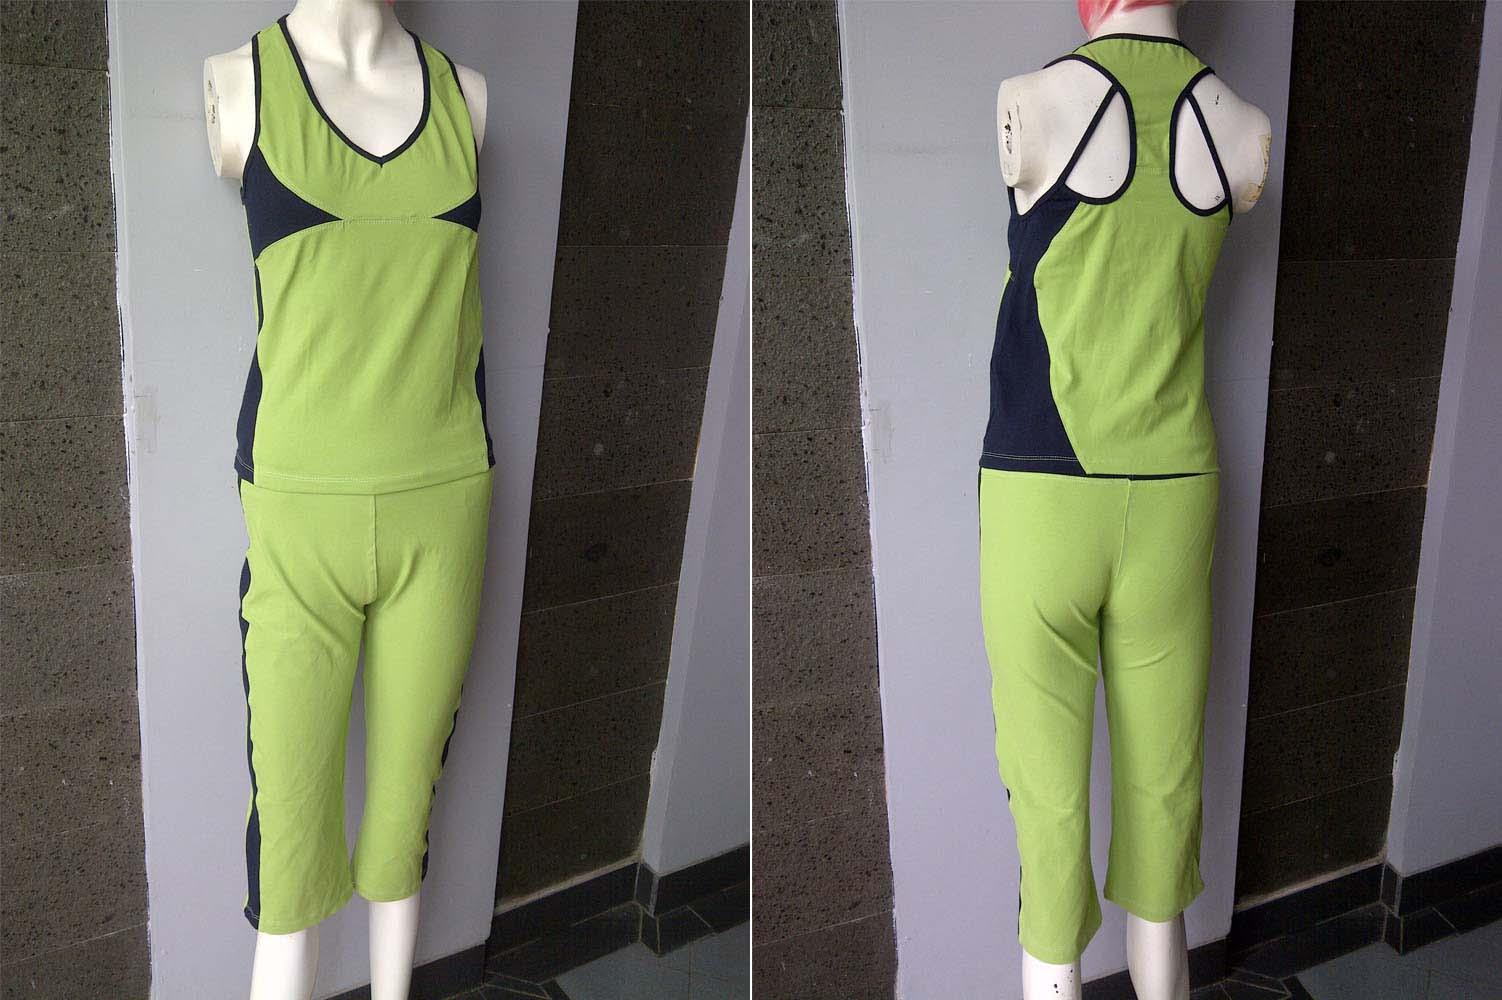 Video Senam Terbaru 2013 Best Dance Kekiri Kekanan Youtube 20130608motif Model Baju Batik Wanita Terbaru Saat Inihtml